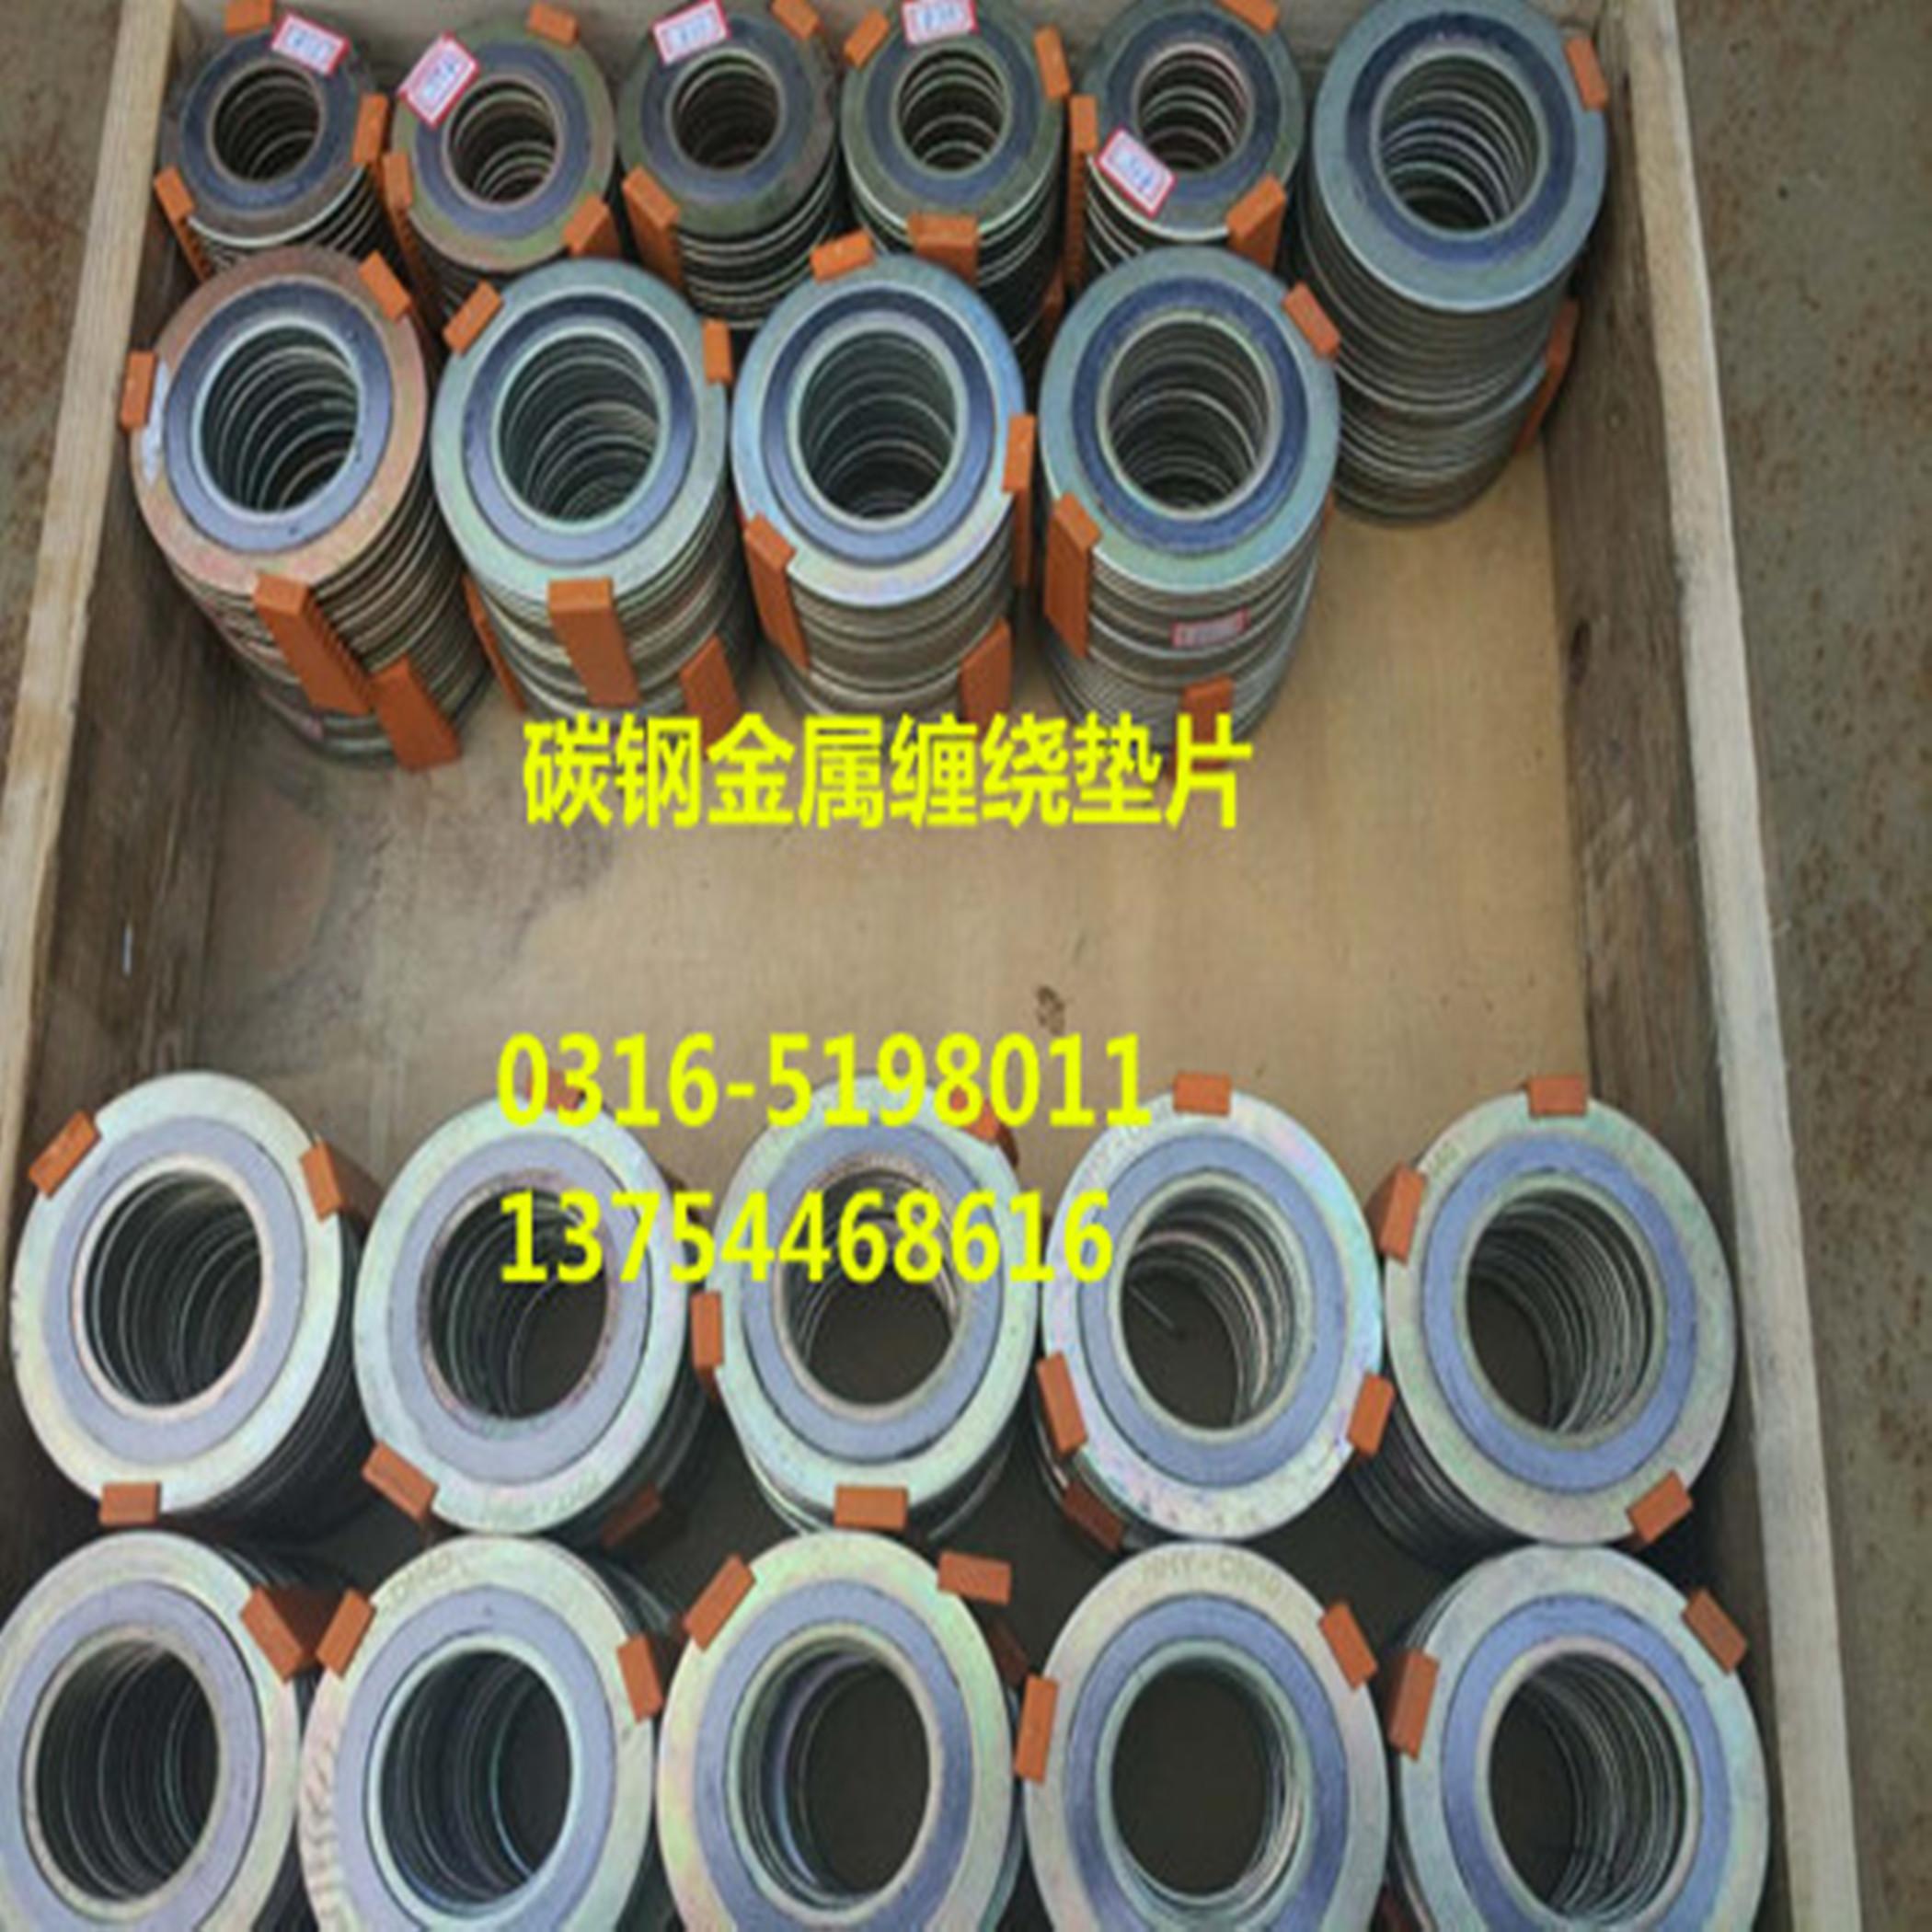 厂家批发衡水市阜城县换热器带筋石墨缠绕垫经销商